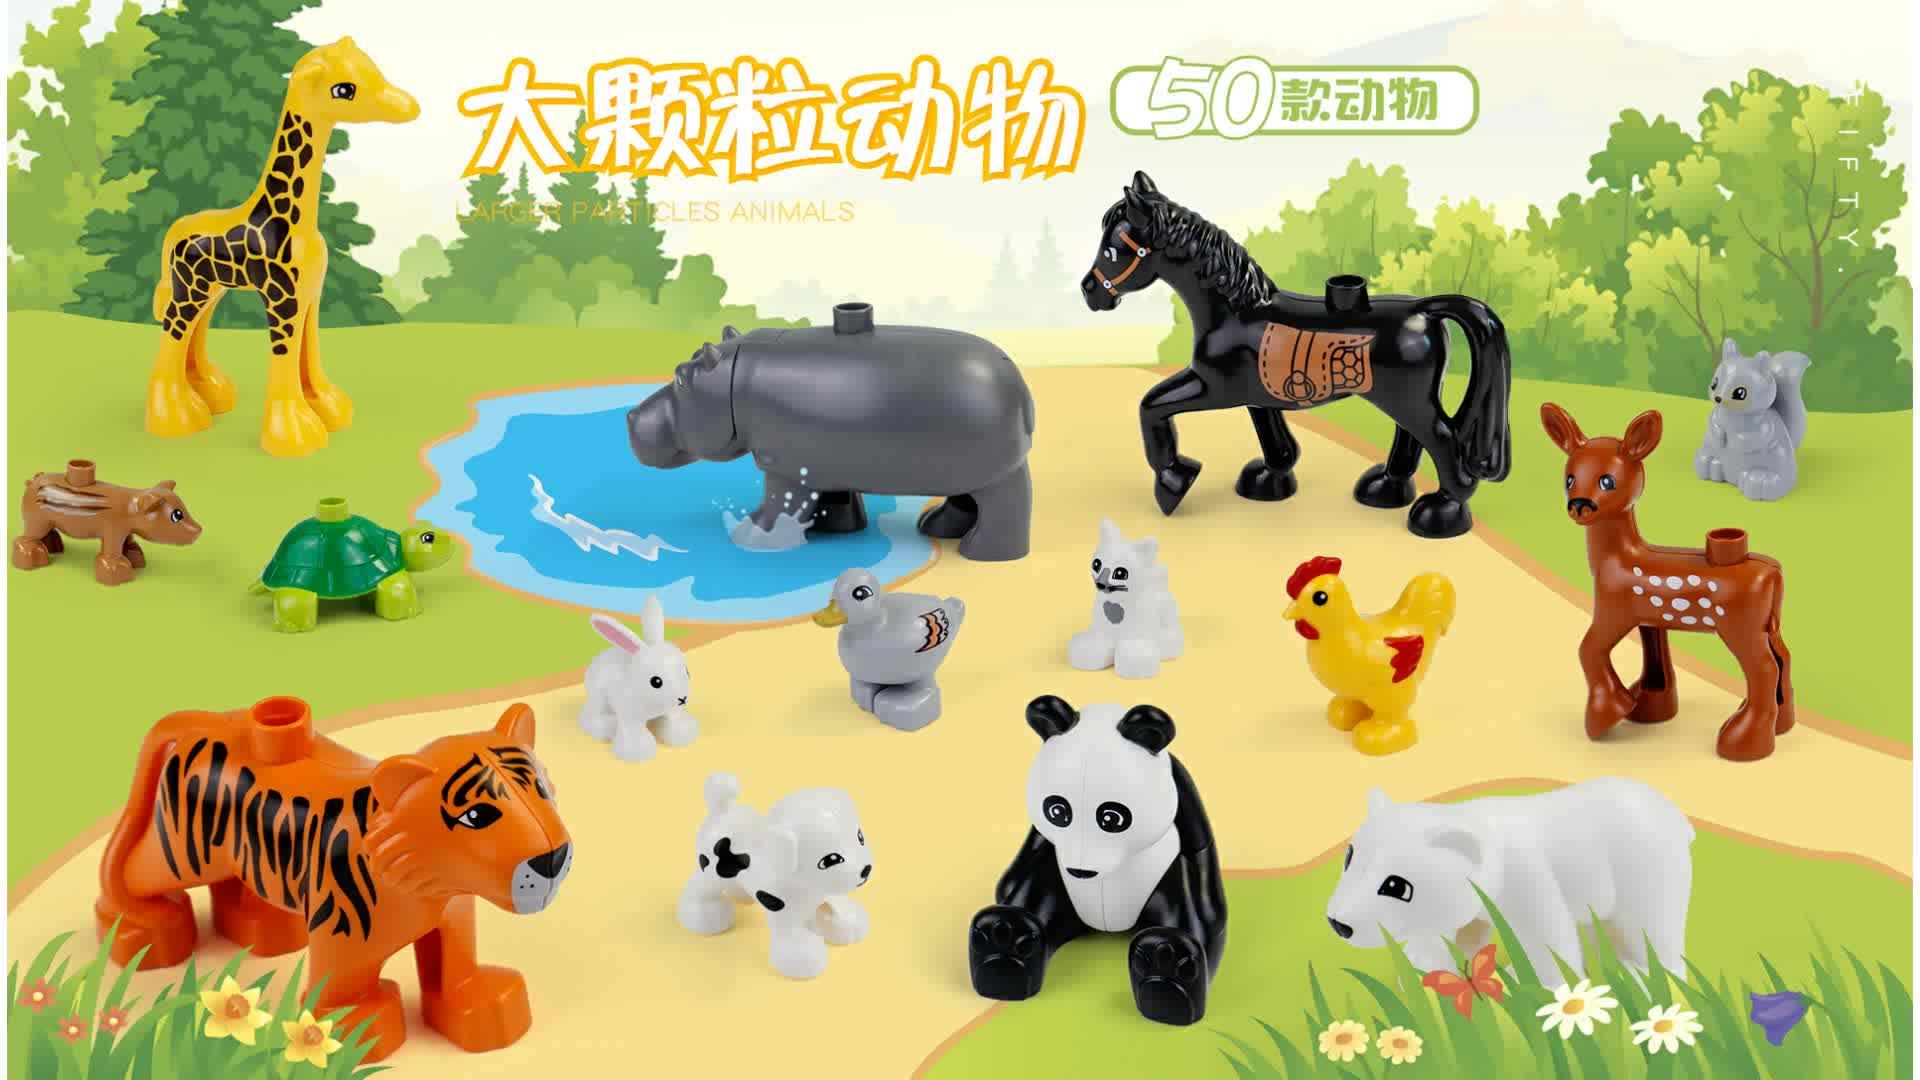 50 pcs/set Diy Kebun Binatang Hewan Seri Blok Bangunan Partikel Besar Penguin/Fox Anak Hadiah Bayi Mainan Kompatibel dengan Duplo